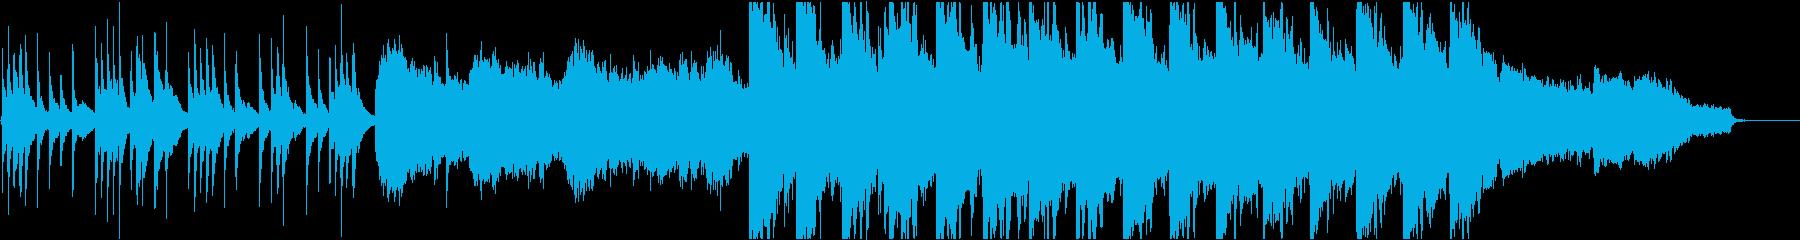 企業VP30 24bit44kHzVerの再生済みの波形